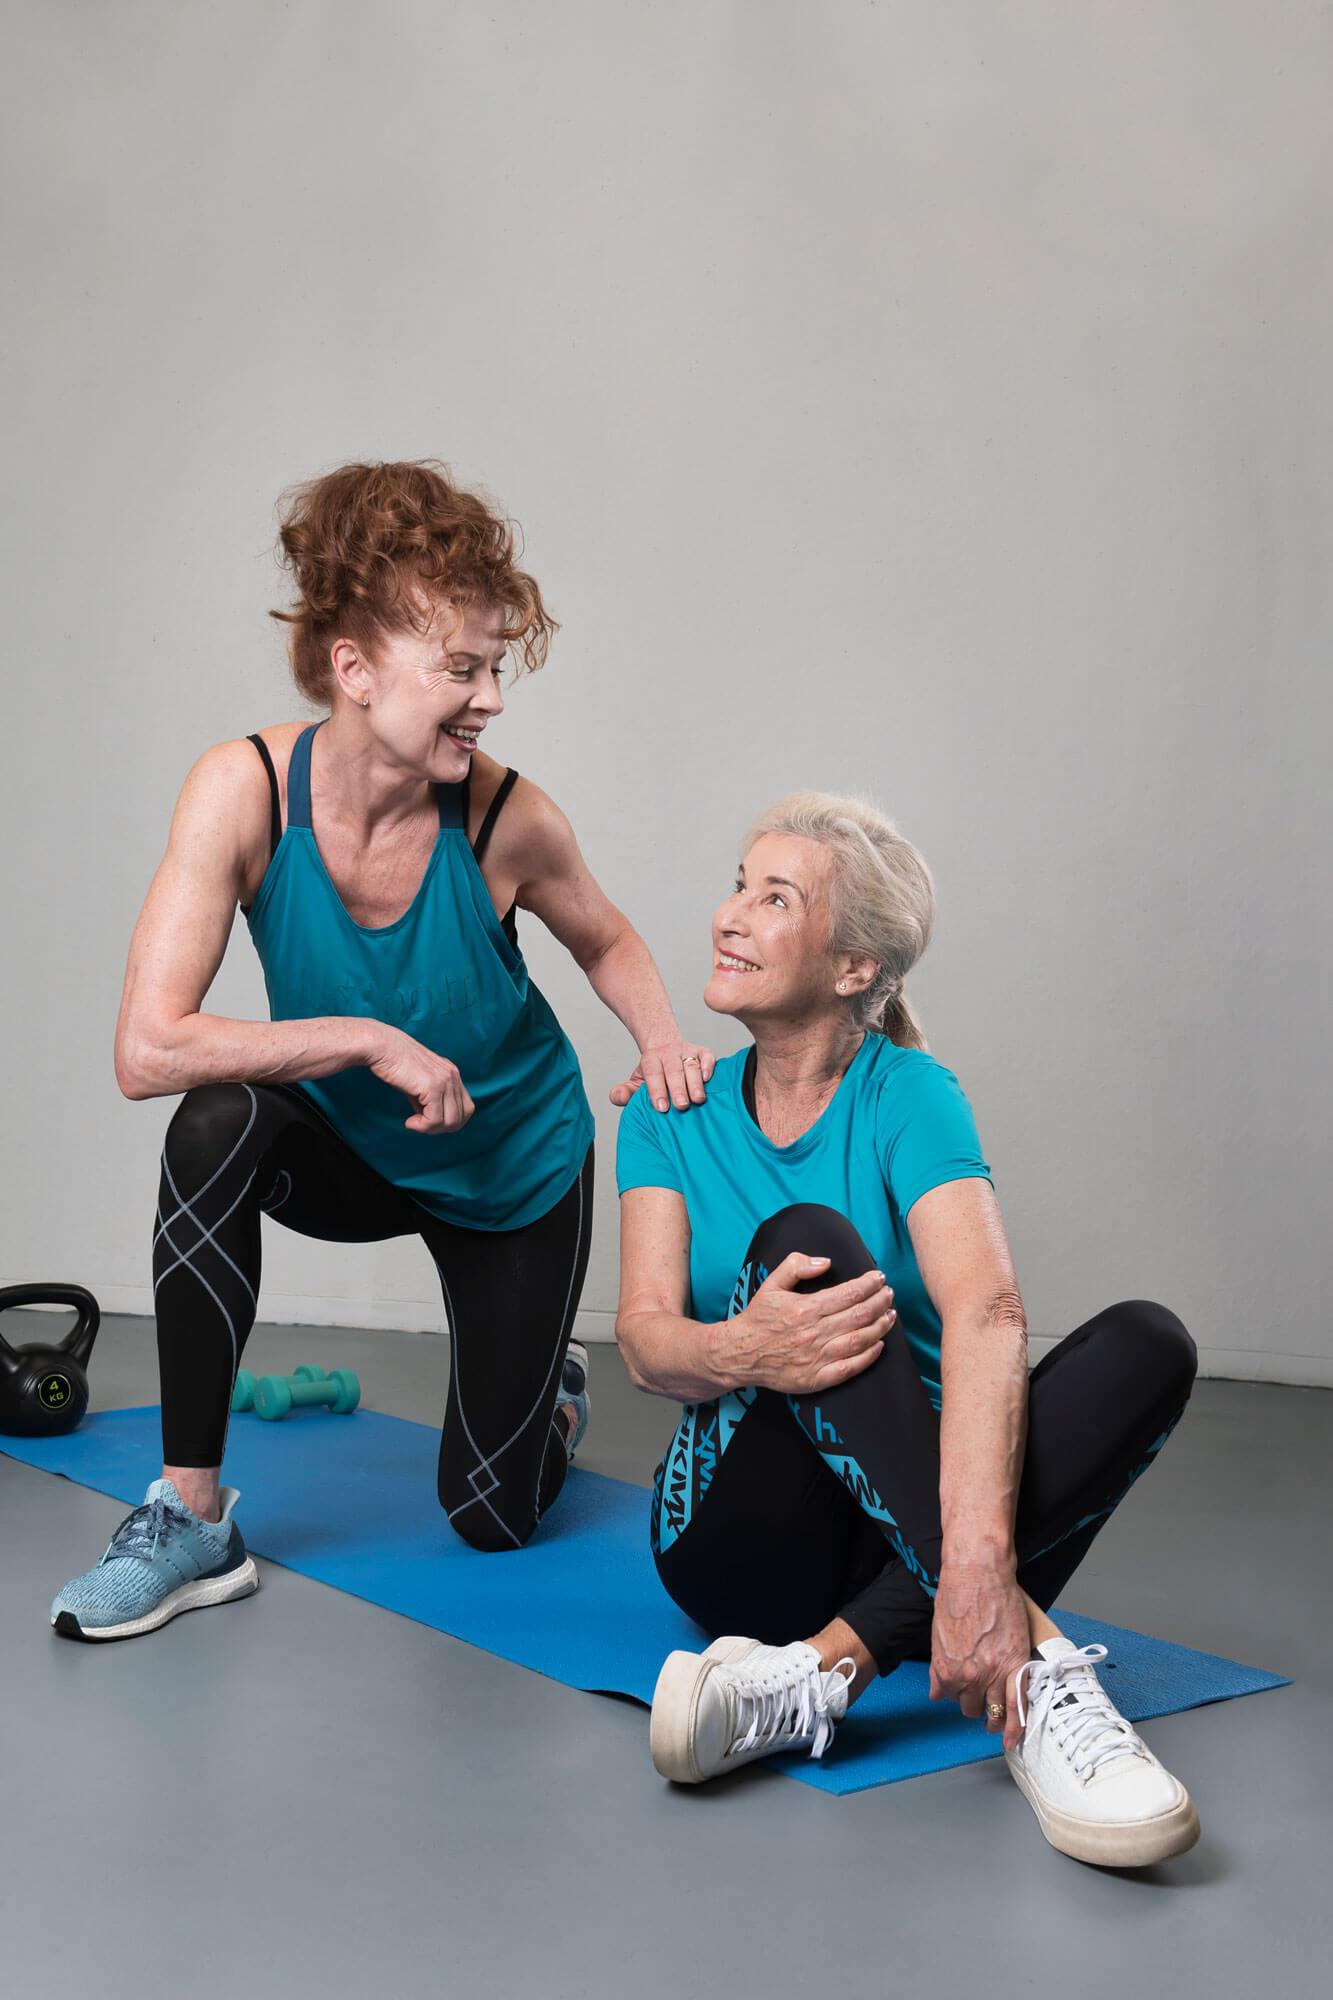 Blanka en Anne sportoutfit model sportend